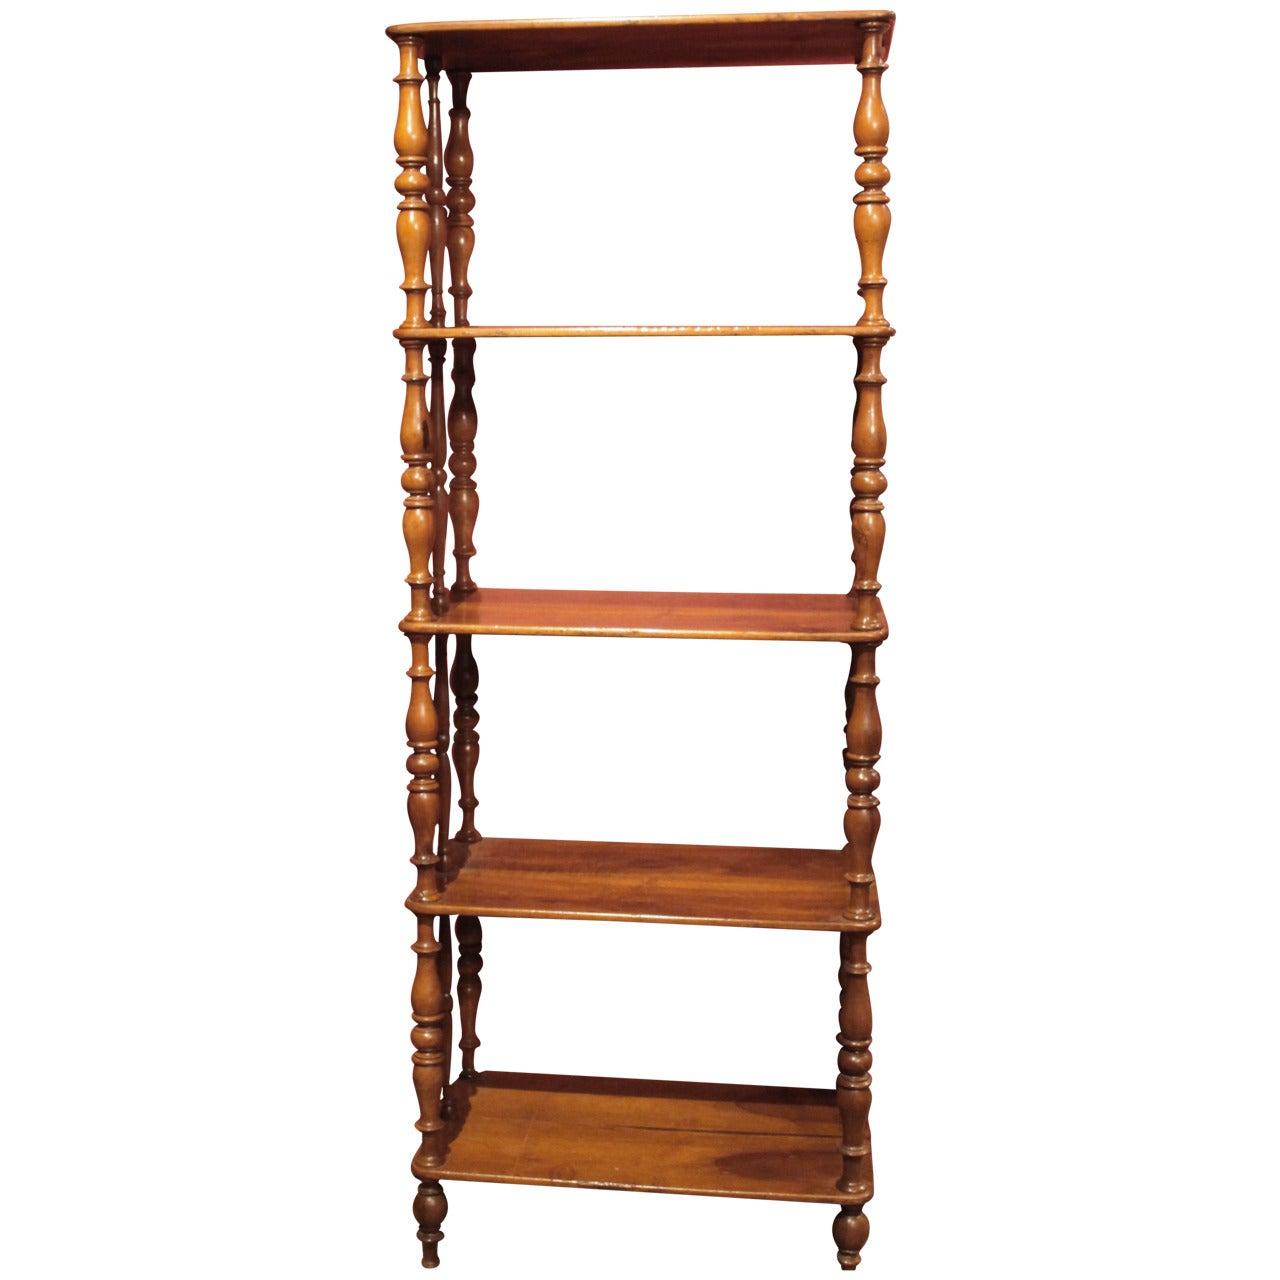 Italian 19th Century Regency Style Rustic Walnut Wood Open Shelves Bookcase